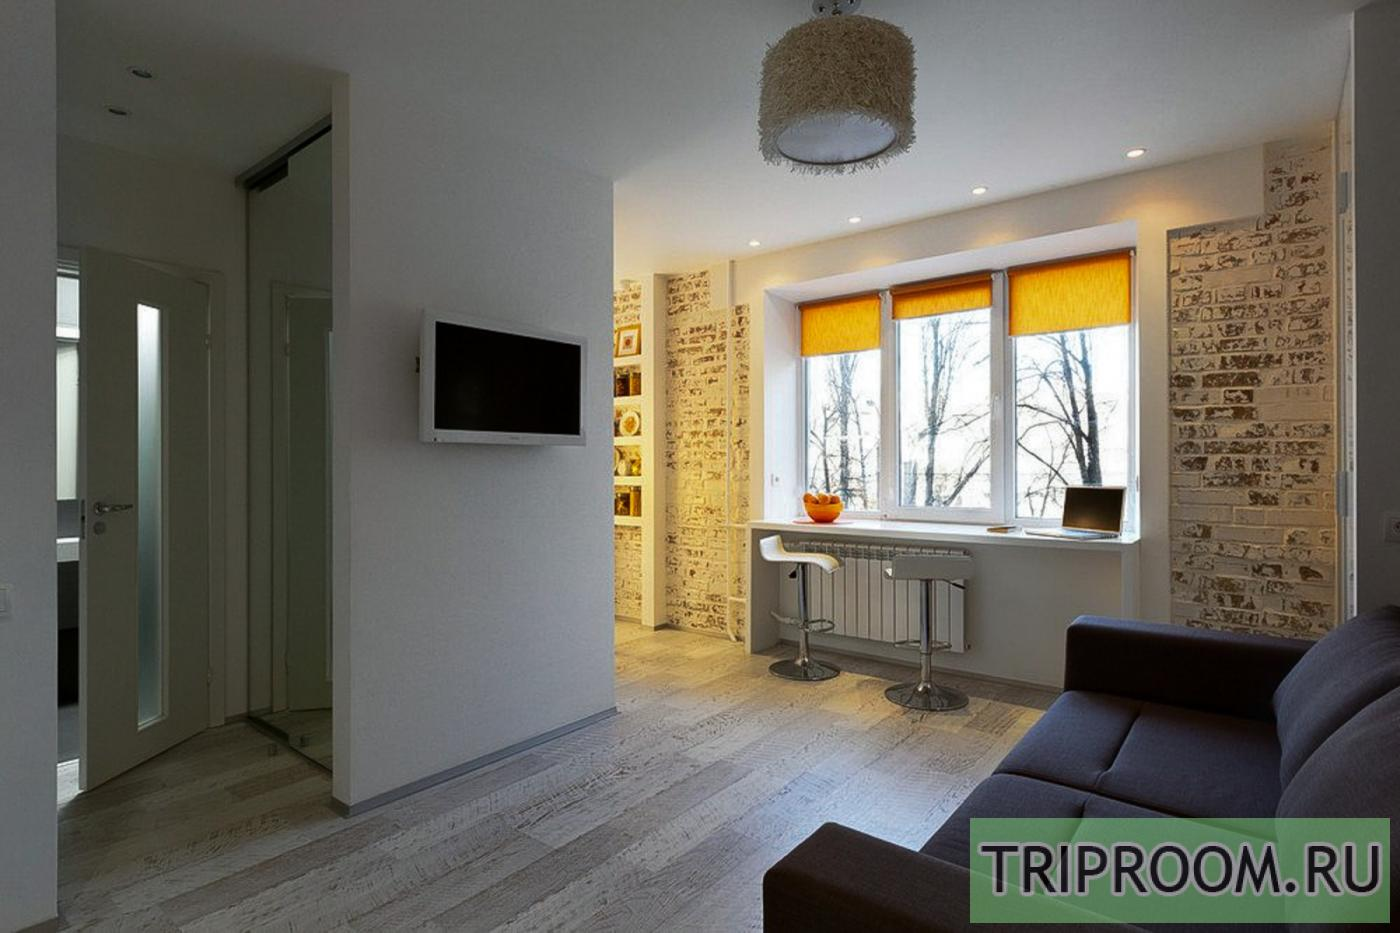 Дизайн студии 22, 21 кв. м. (48 фото): планировка квартиры с.